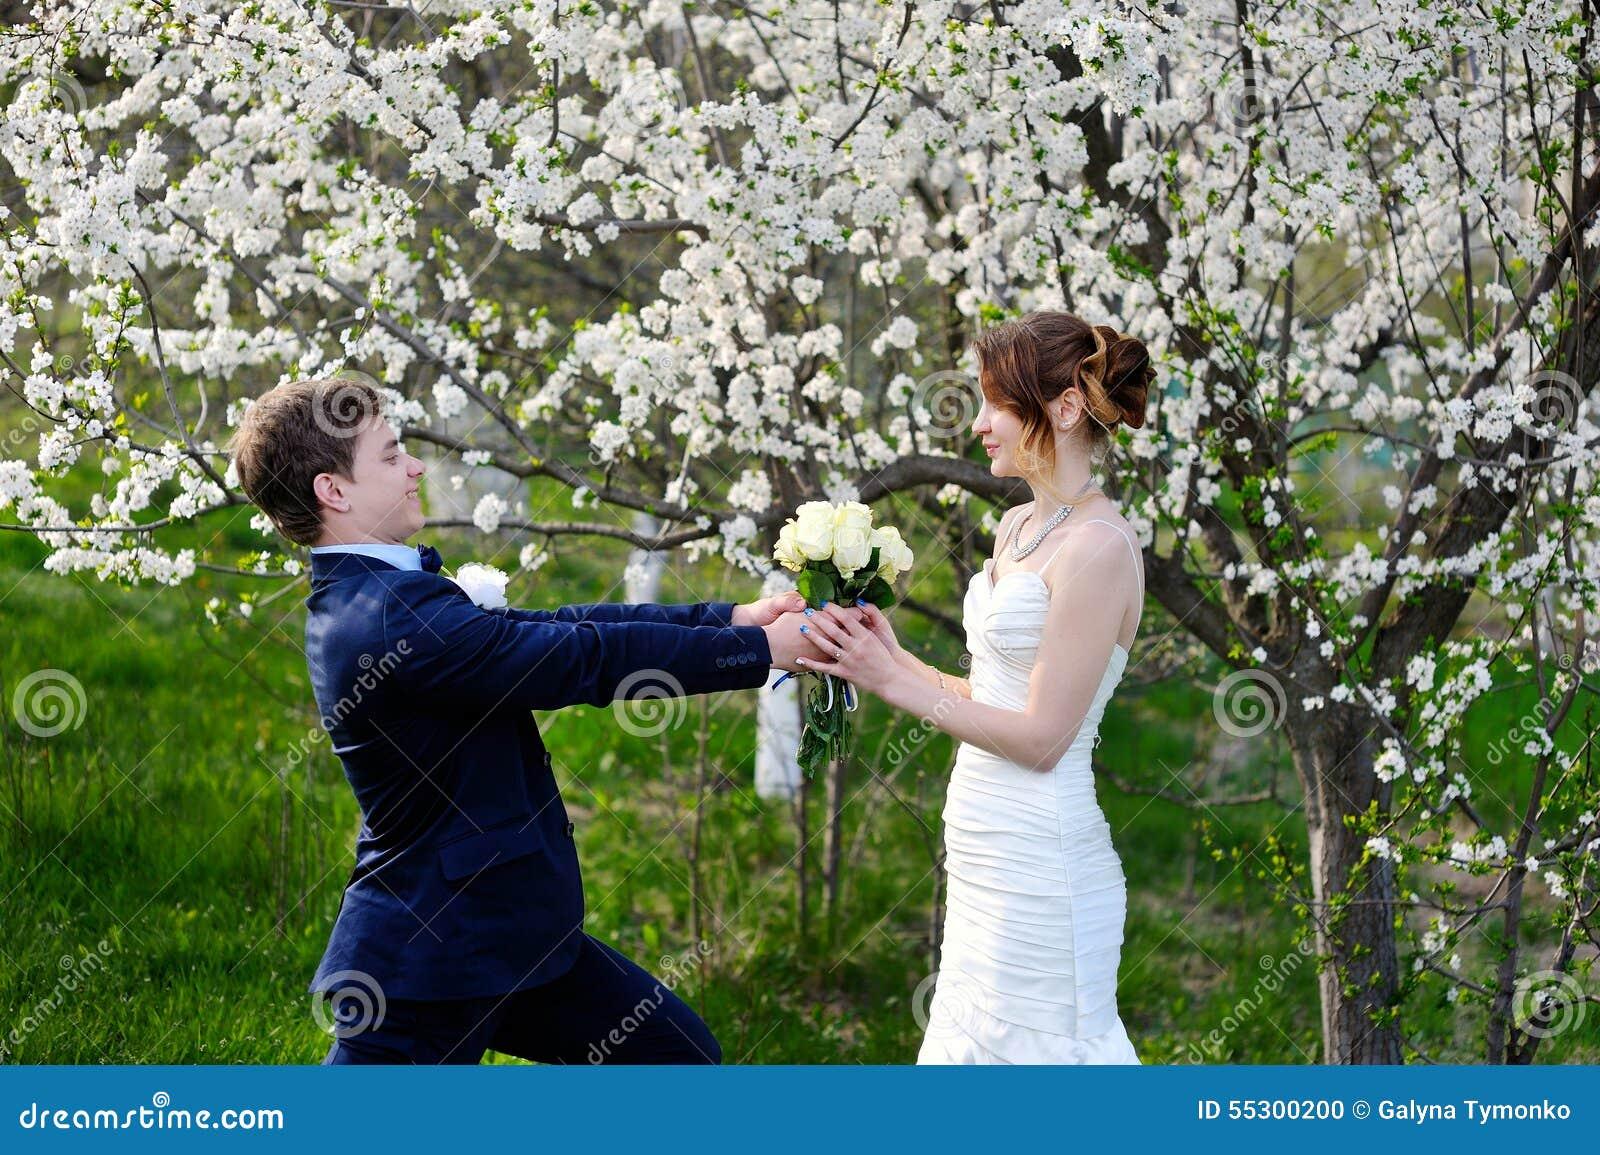 新郎给新娘玫瑰美丽的婚礼花束